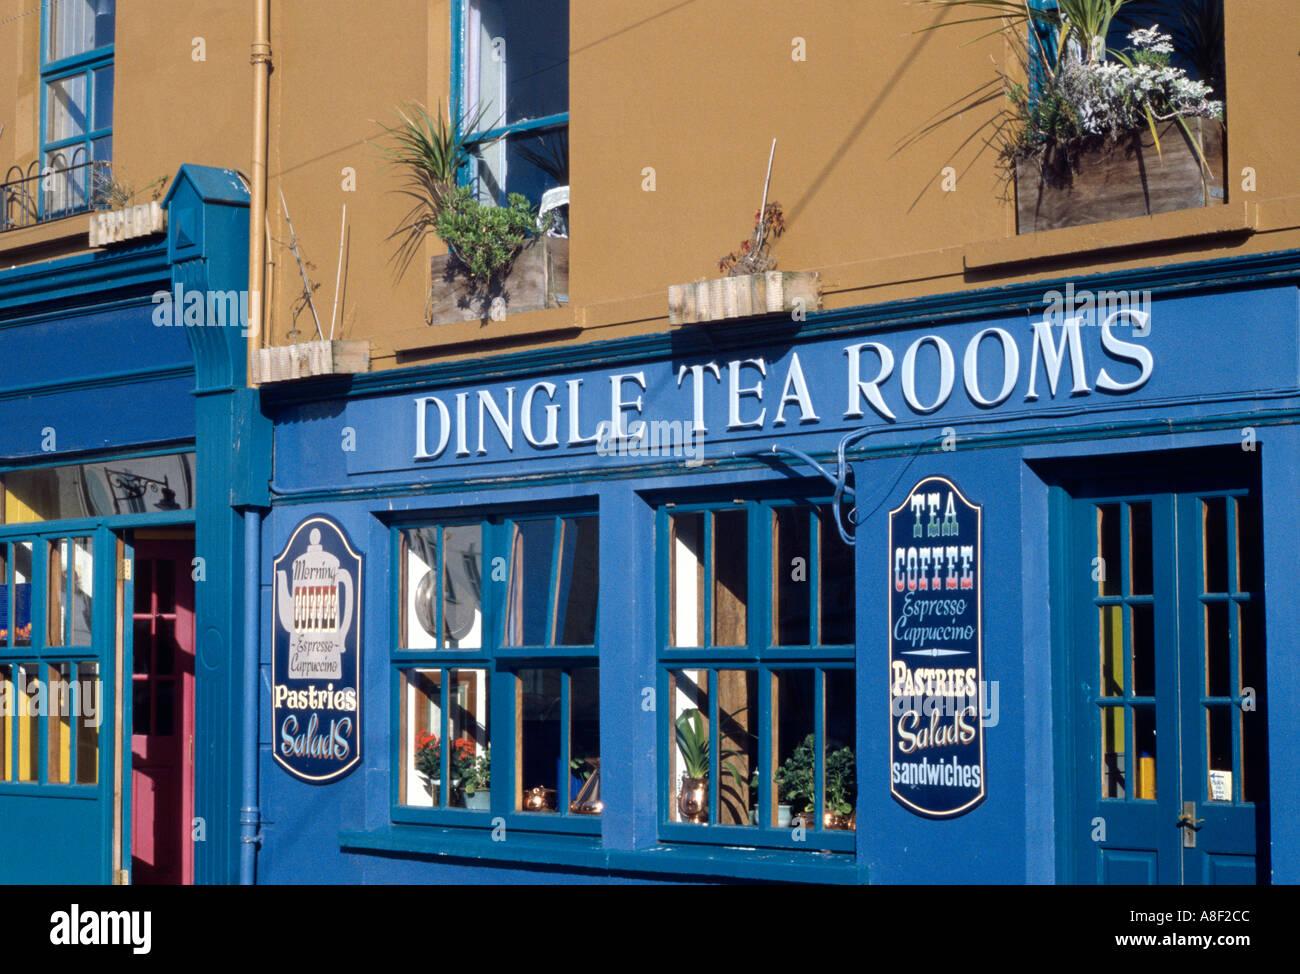 Dingle Tea Rooms